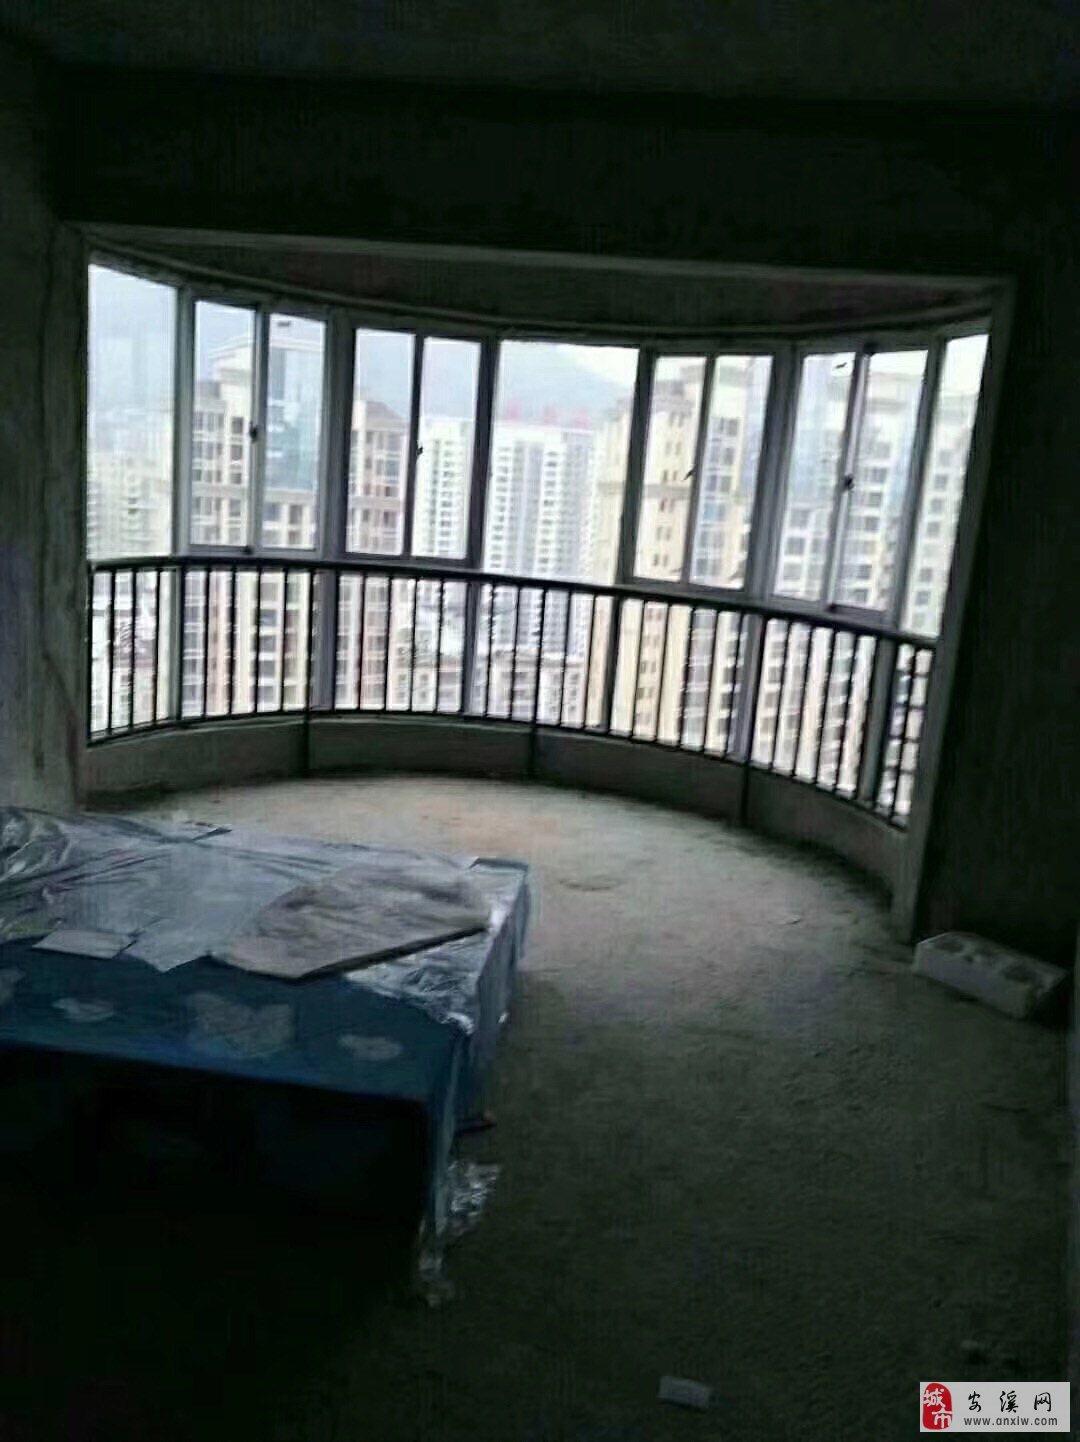 蓝溪明珠3室2厅2卫93.8万元超便宜